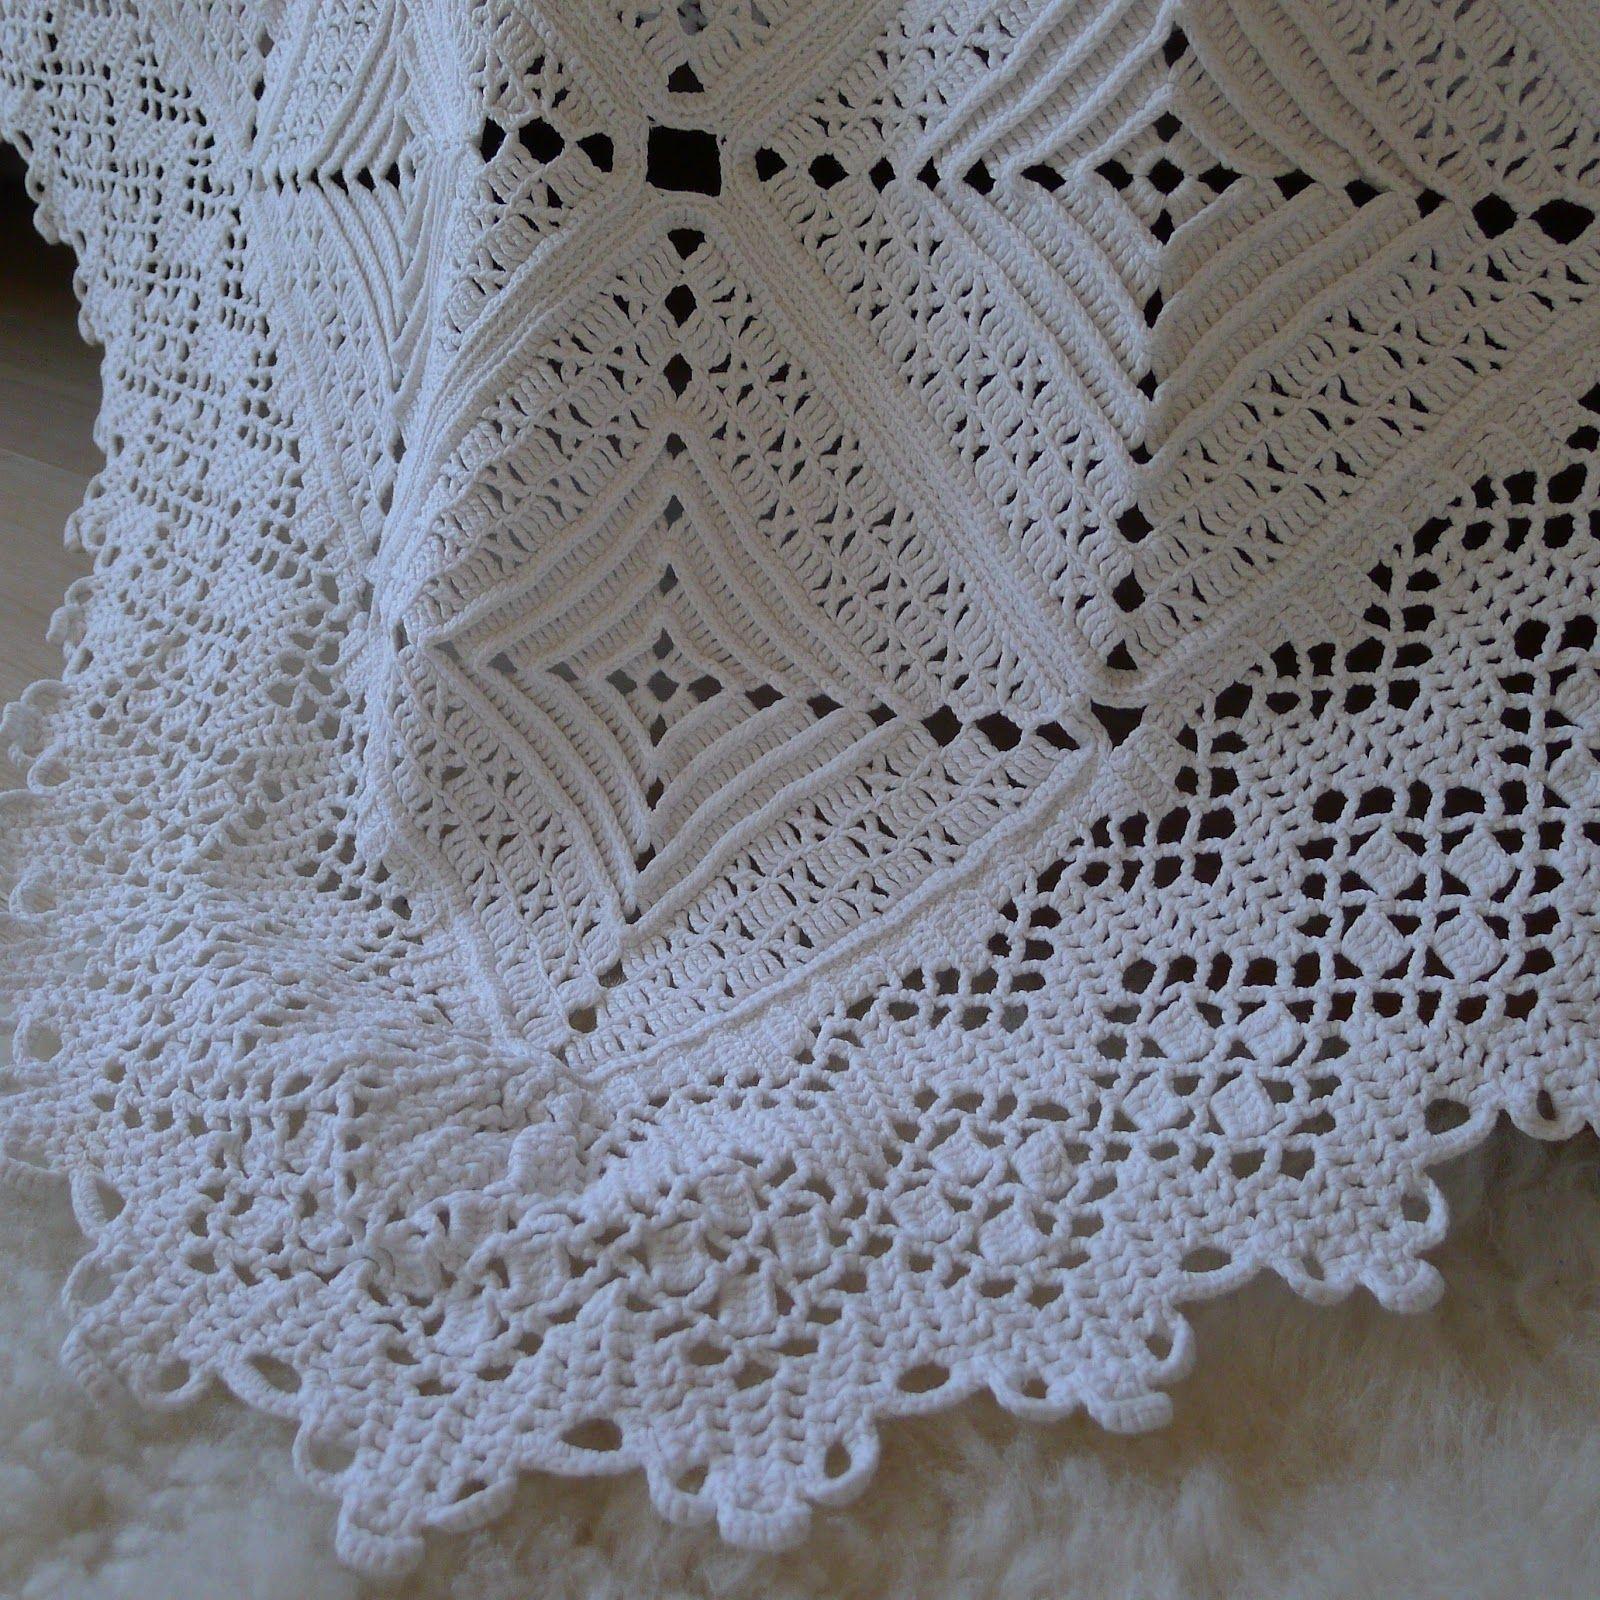 acheter couvre lit crochet pinterest, jupe, couverture, crochet, veste, point, écharpe, fleur  acheter couvre lit crochet